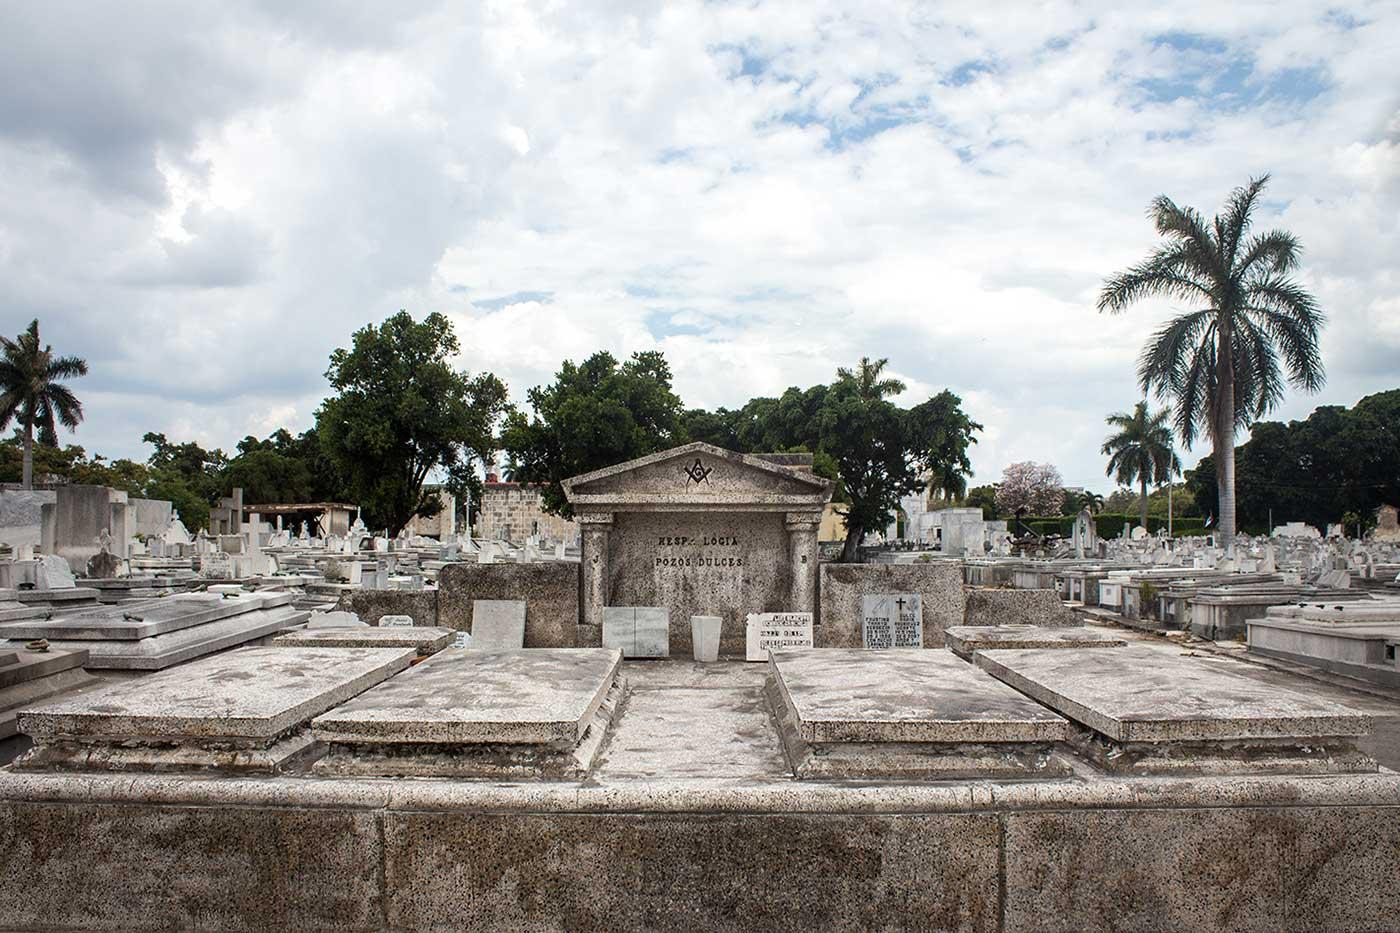 Memorial plot for 'Logia Pozos Dulces': Necrópolis Cristóbal Colón, Havana, Cuba.